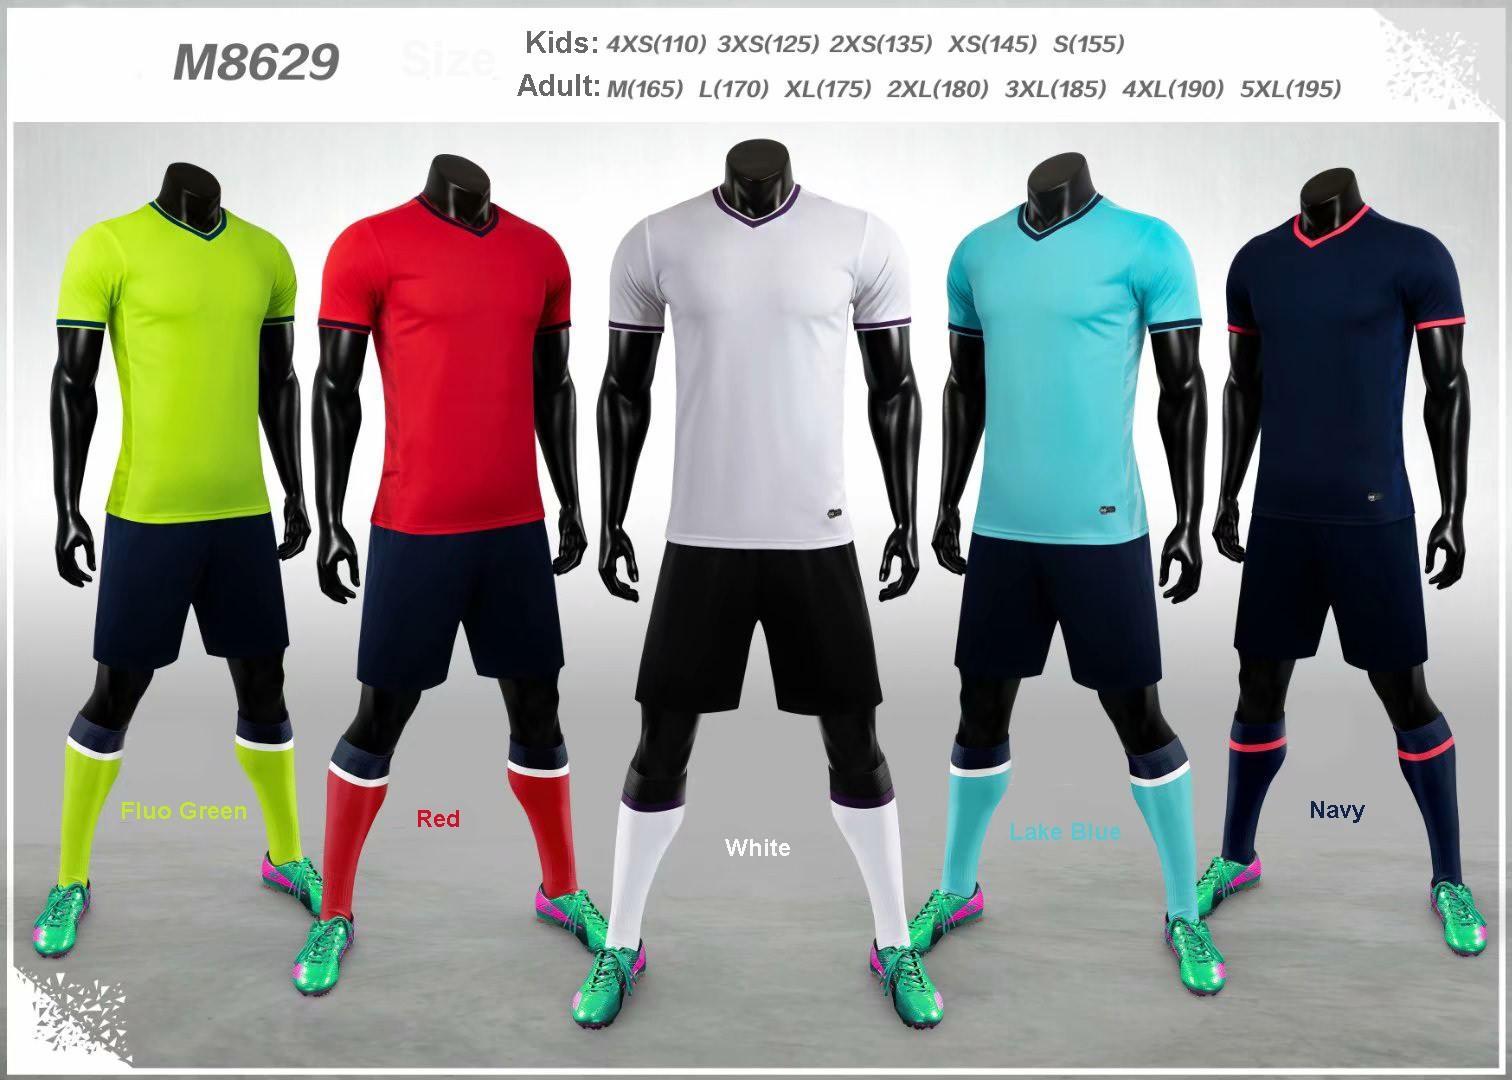 M8629 Blank Takım Seti 2020-2021 Yetişkin Çocuk Futbol Jersey Seti Futbol Takımı Erkekler Çocuklar Futbol Eğitim Üniformalar Özelleştirilmiş